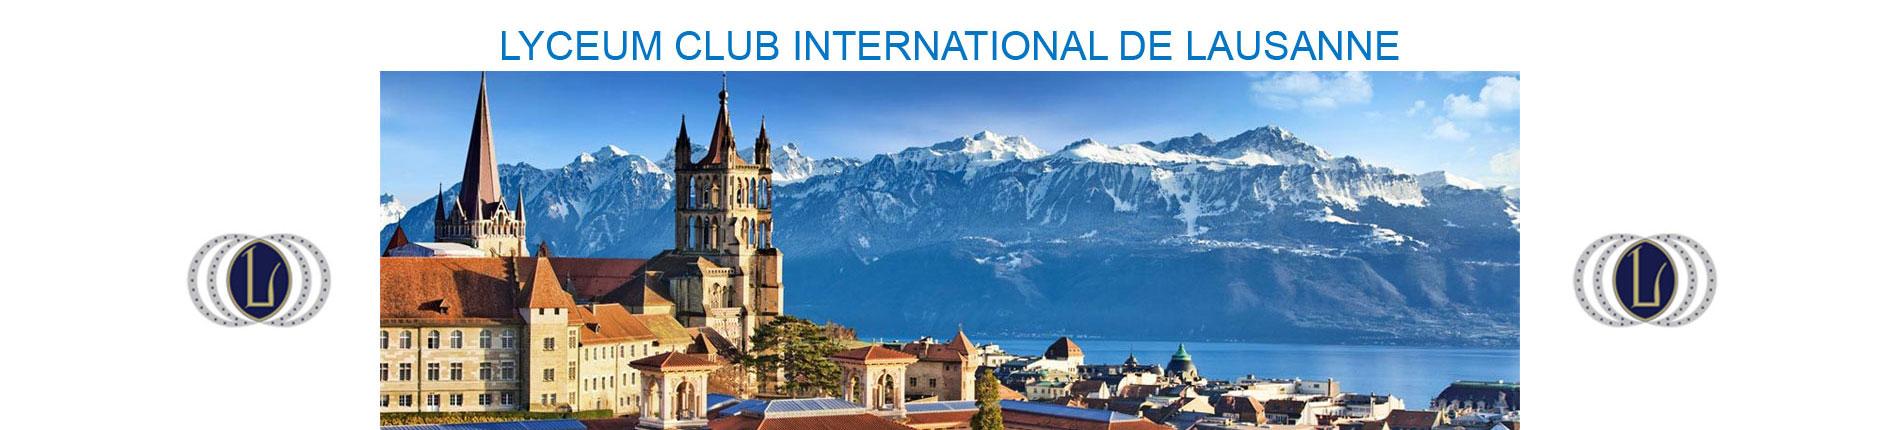 Lyceum Club International de Lausanne